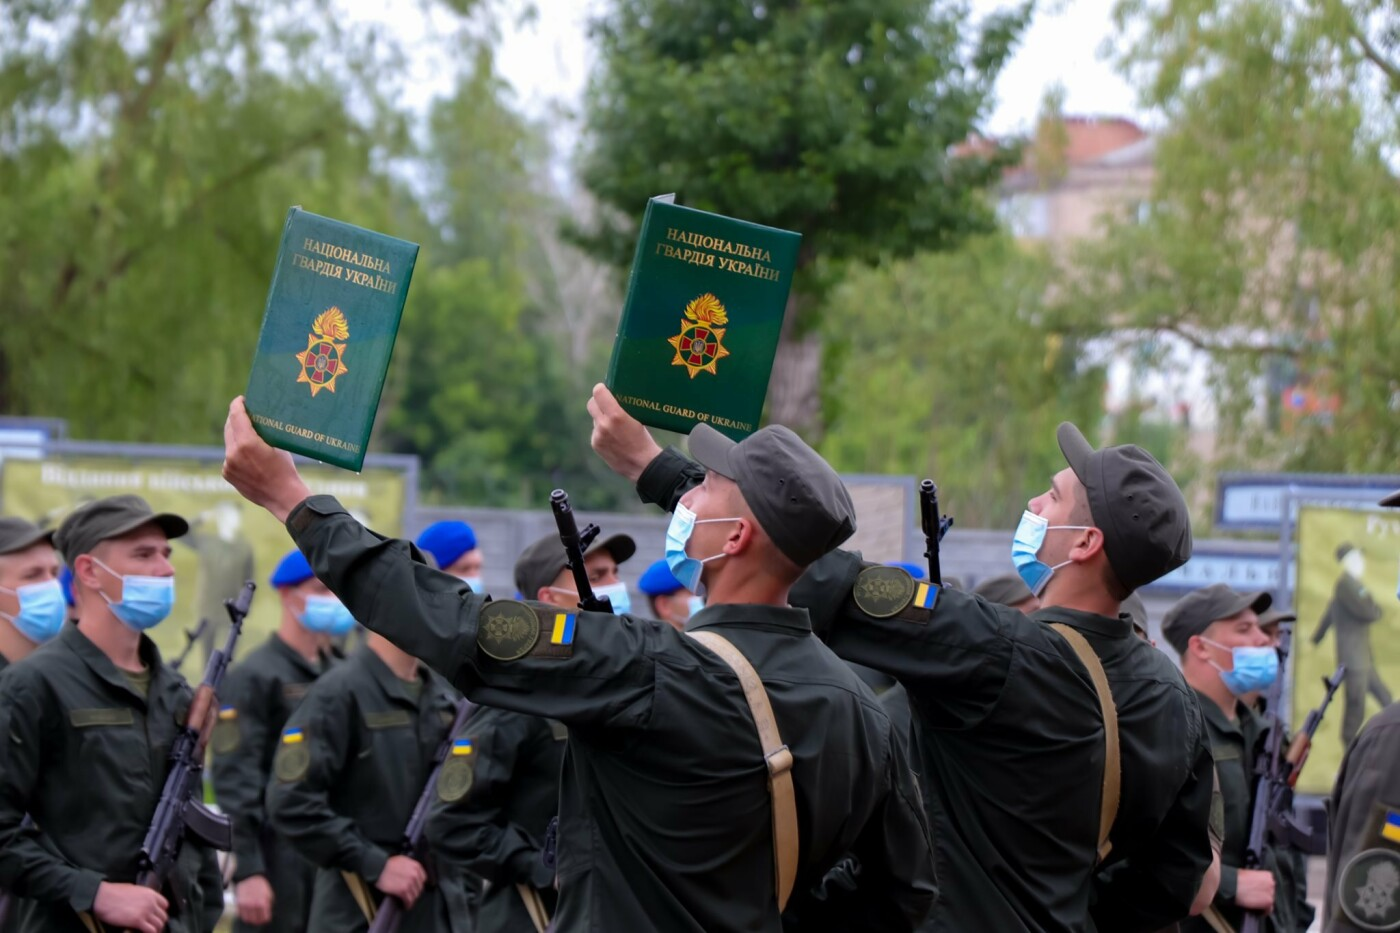 """Сьогодні у Слов'янську вітали батальйон """"Донбас"""" з річницею створення, фото-4"""